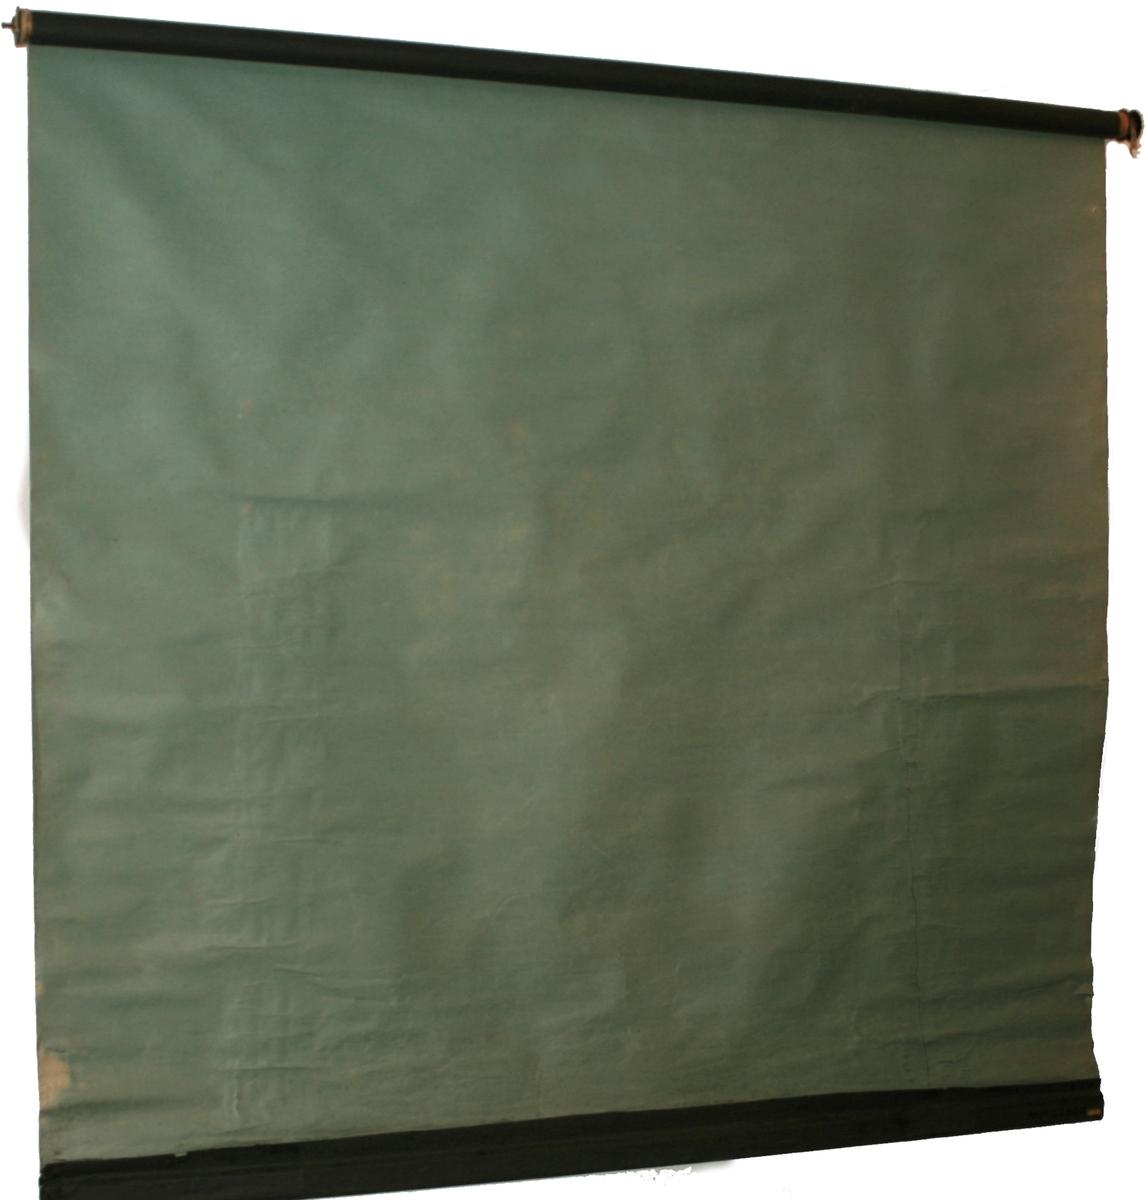 Rullgardiner av sort  papir, lyst grønnlige på den andre side. Tykt papir, festene har takkete endestykker, virker alderdommelige og er ikke fra siste krig.